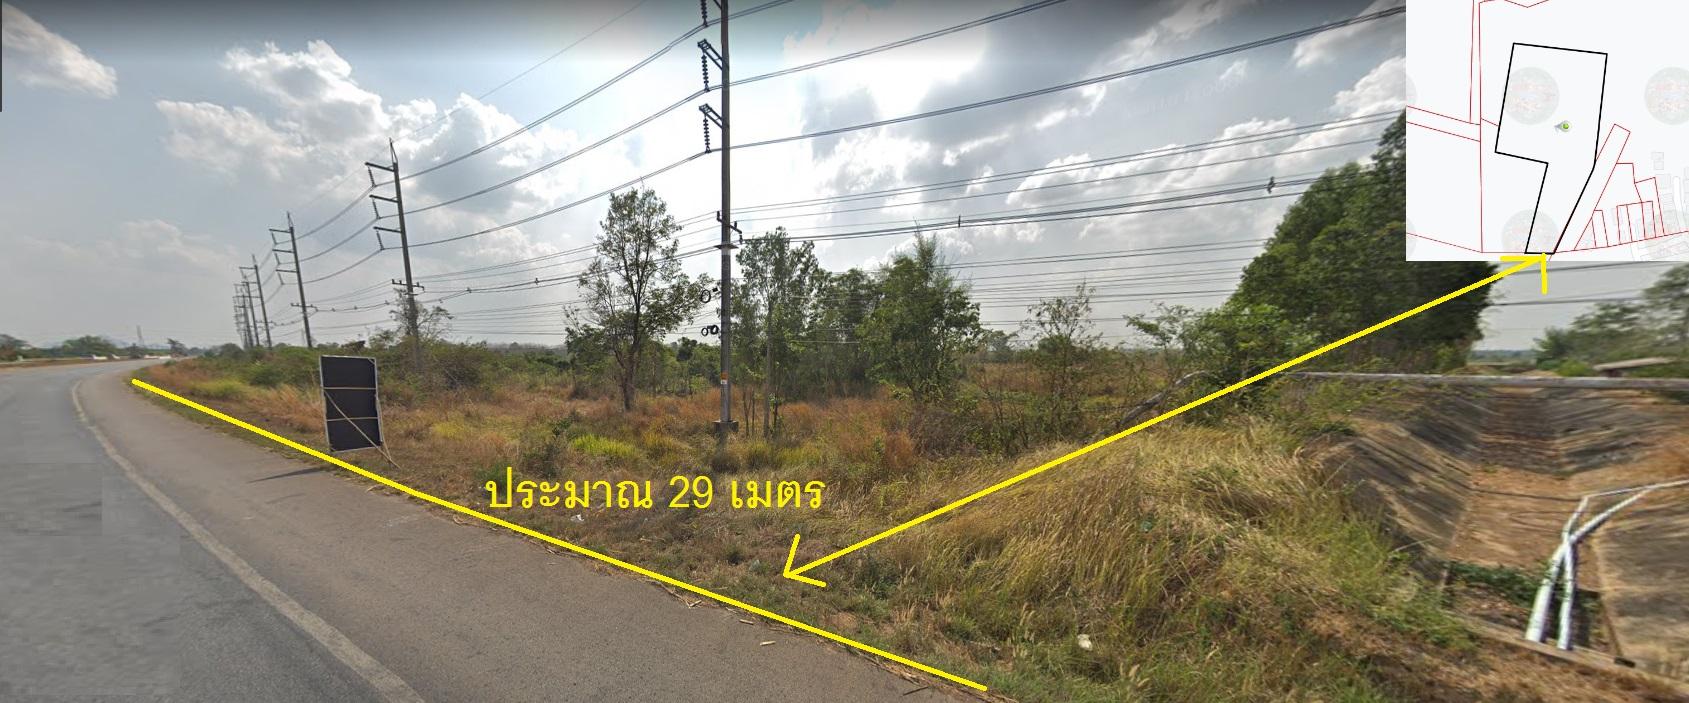 ขายถูกที่ดินเปล่า 9 ไร่ 166 ตรว ติดทางหลวงแผ่นดินจันทบุรี-สระแก้ว ใกล้แยกสระขวัญ